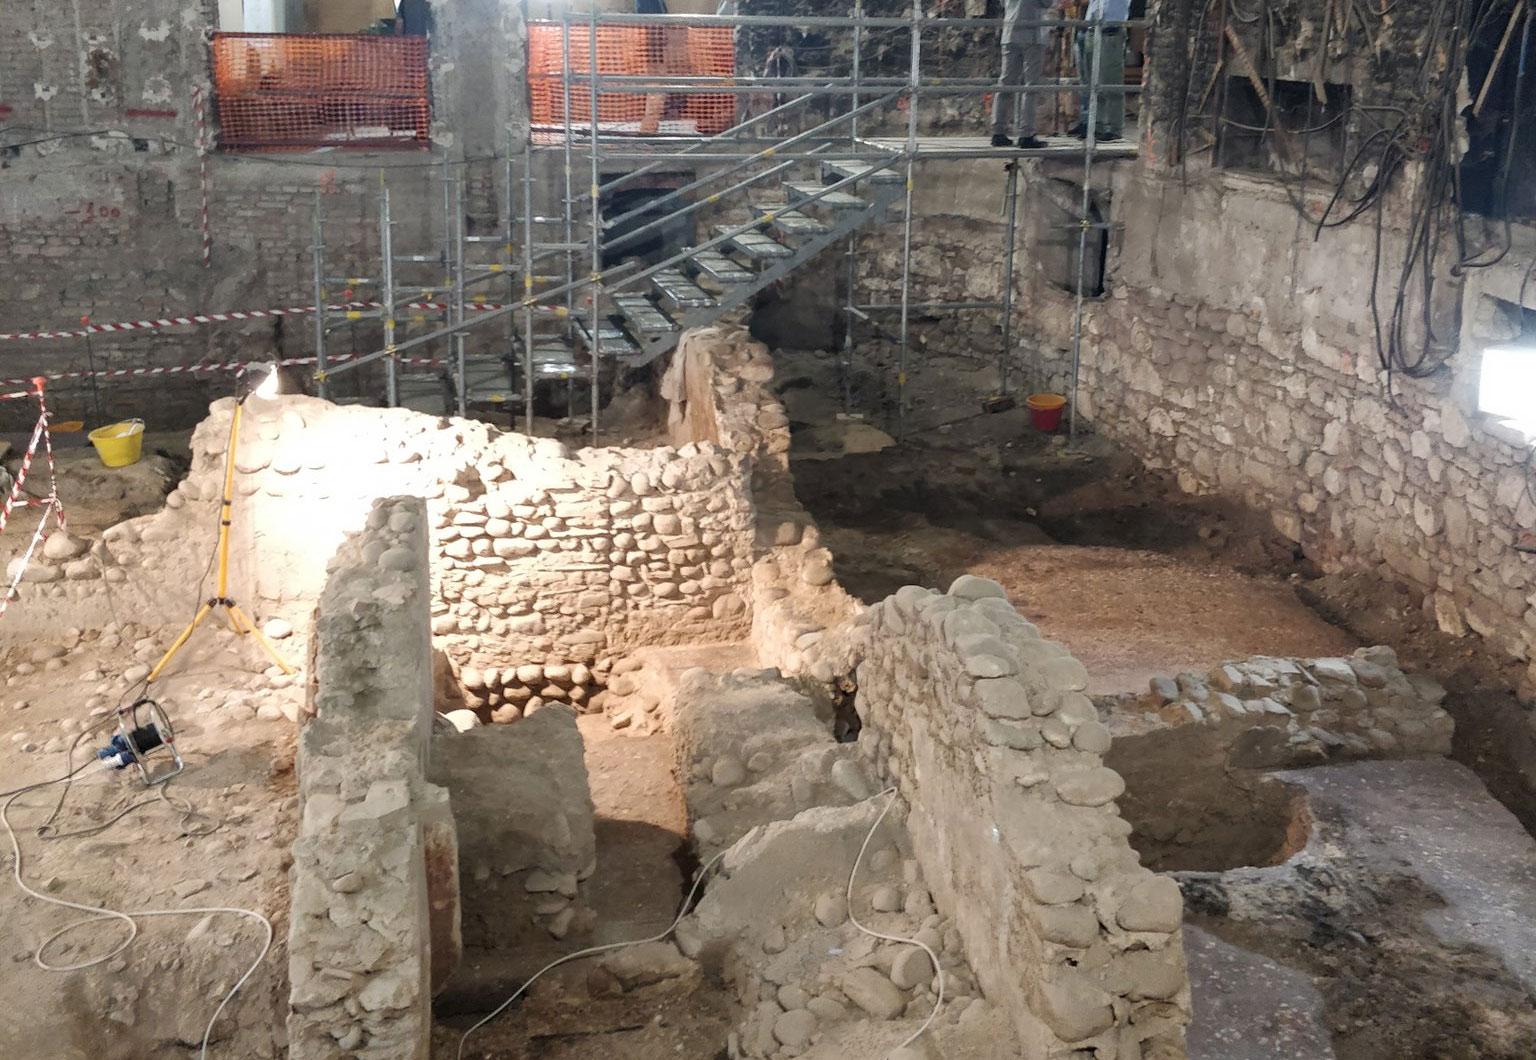 """Piccola Pompei a Verona? No a confronti ridicoli. Il complesso """"scoperto"""" era noto dal 2004"""